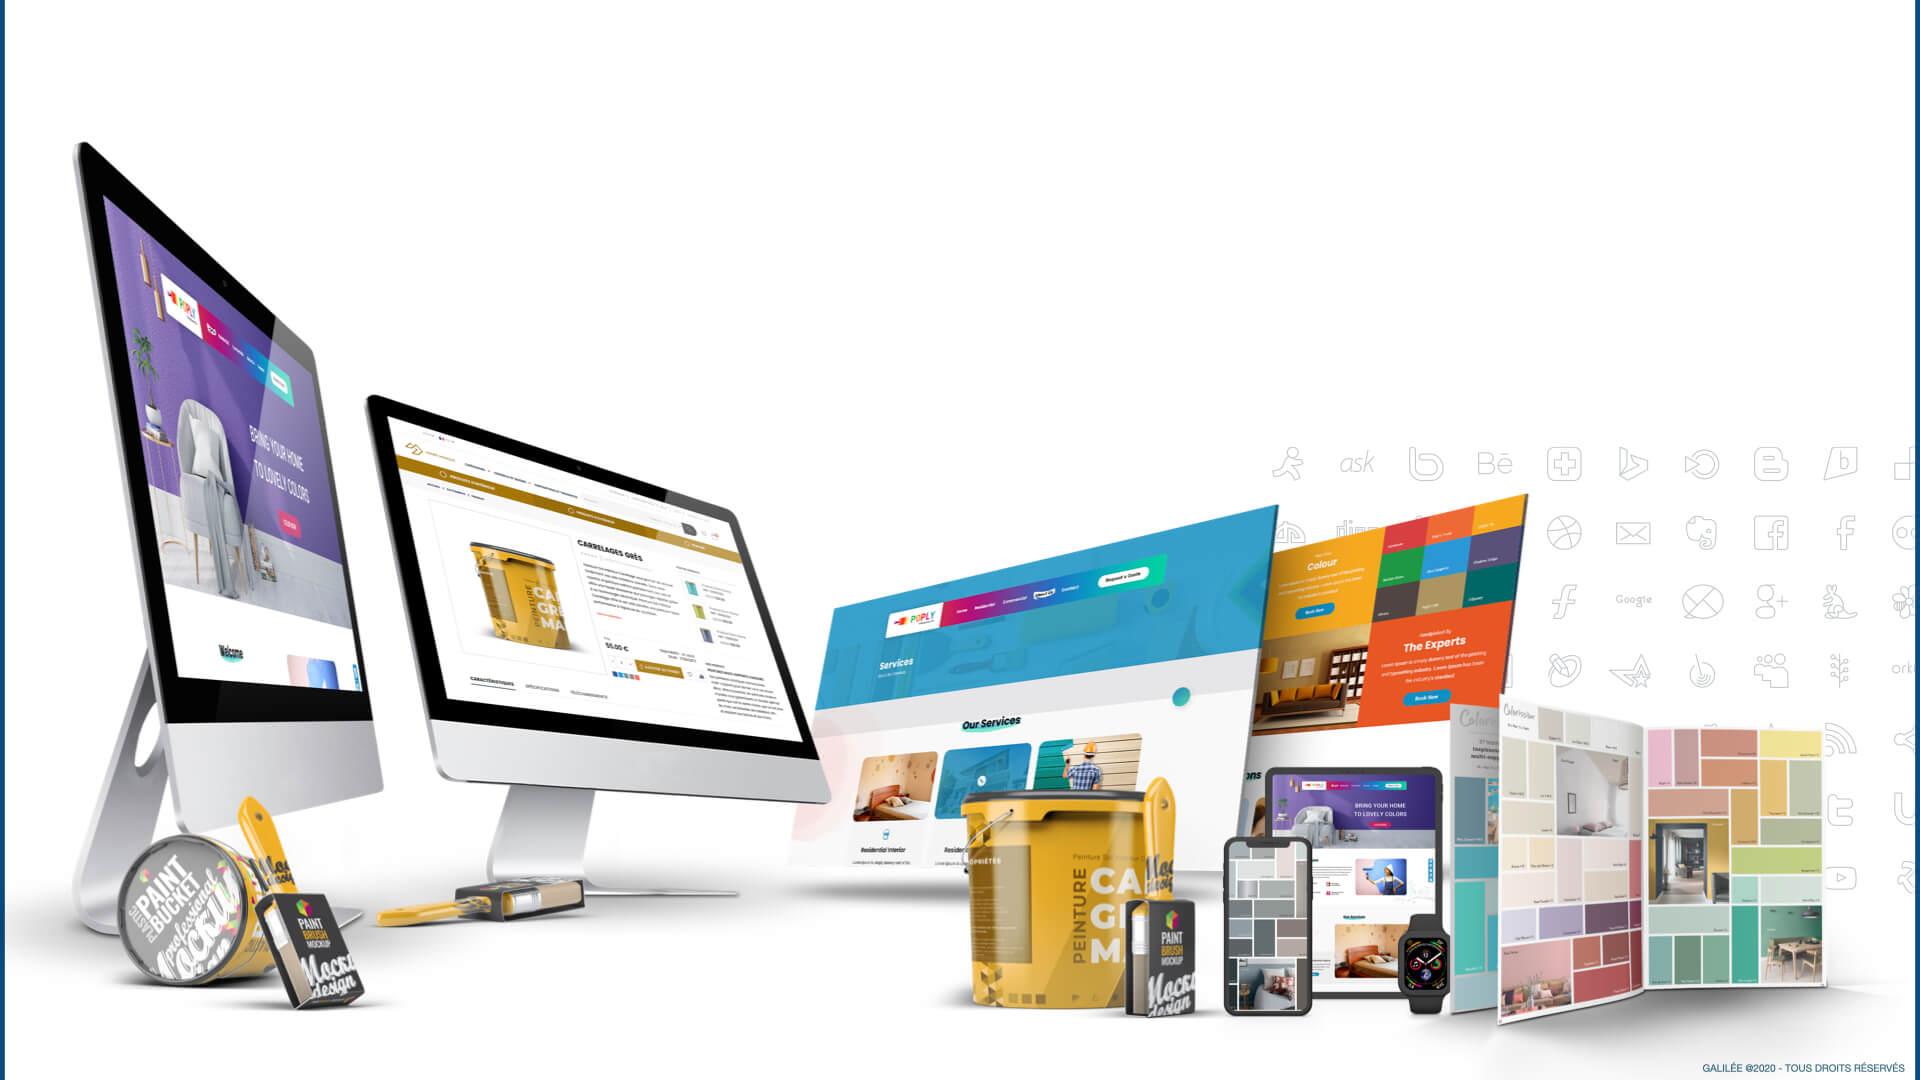 Le MDM pour diffuser ses contenus marketing et communication